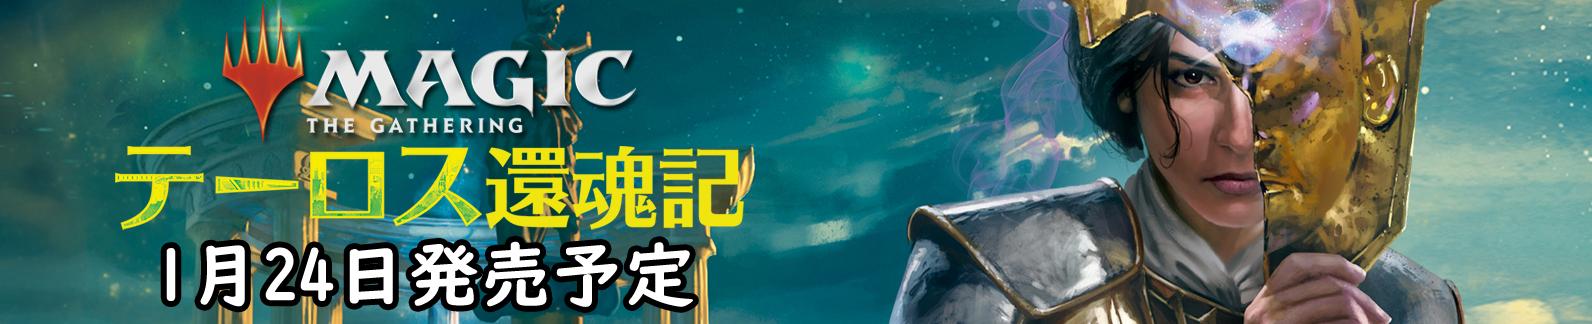 マジック:ザ・ギャザリング テーロス還魂記 ブースター 日本語版 BOX【2020年1月24日発売】